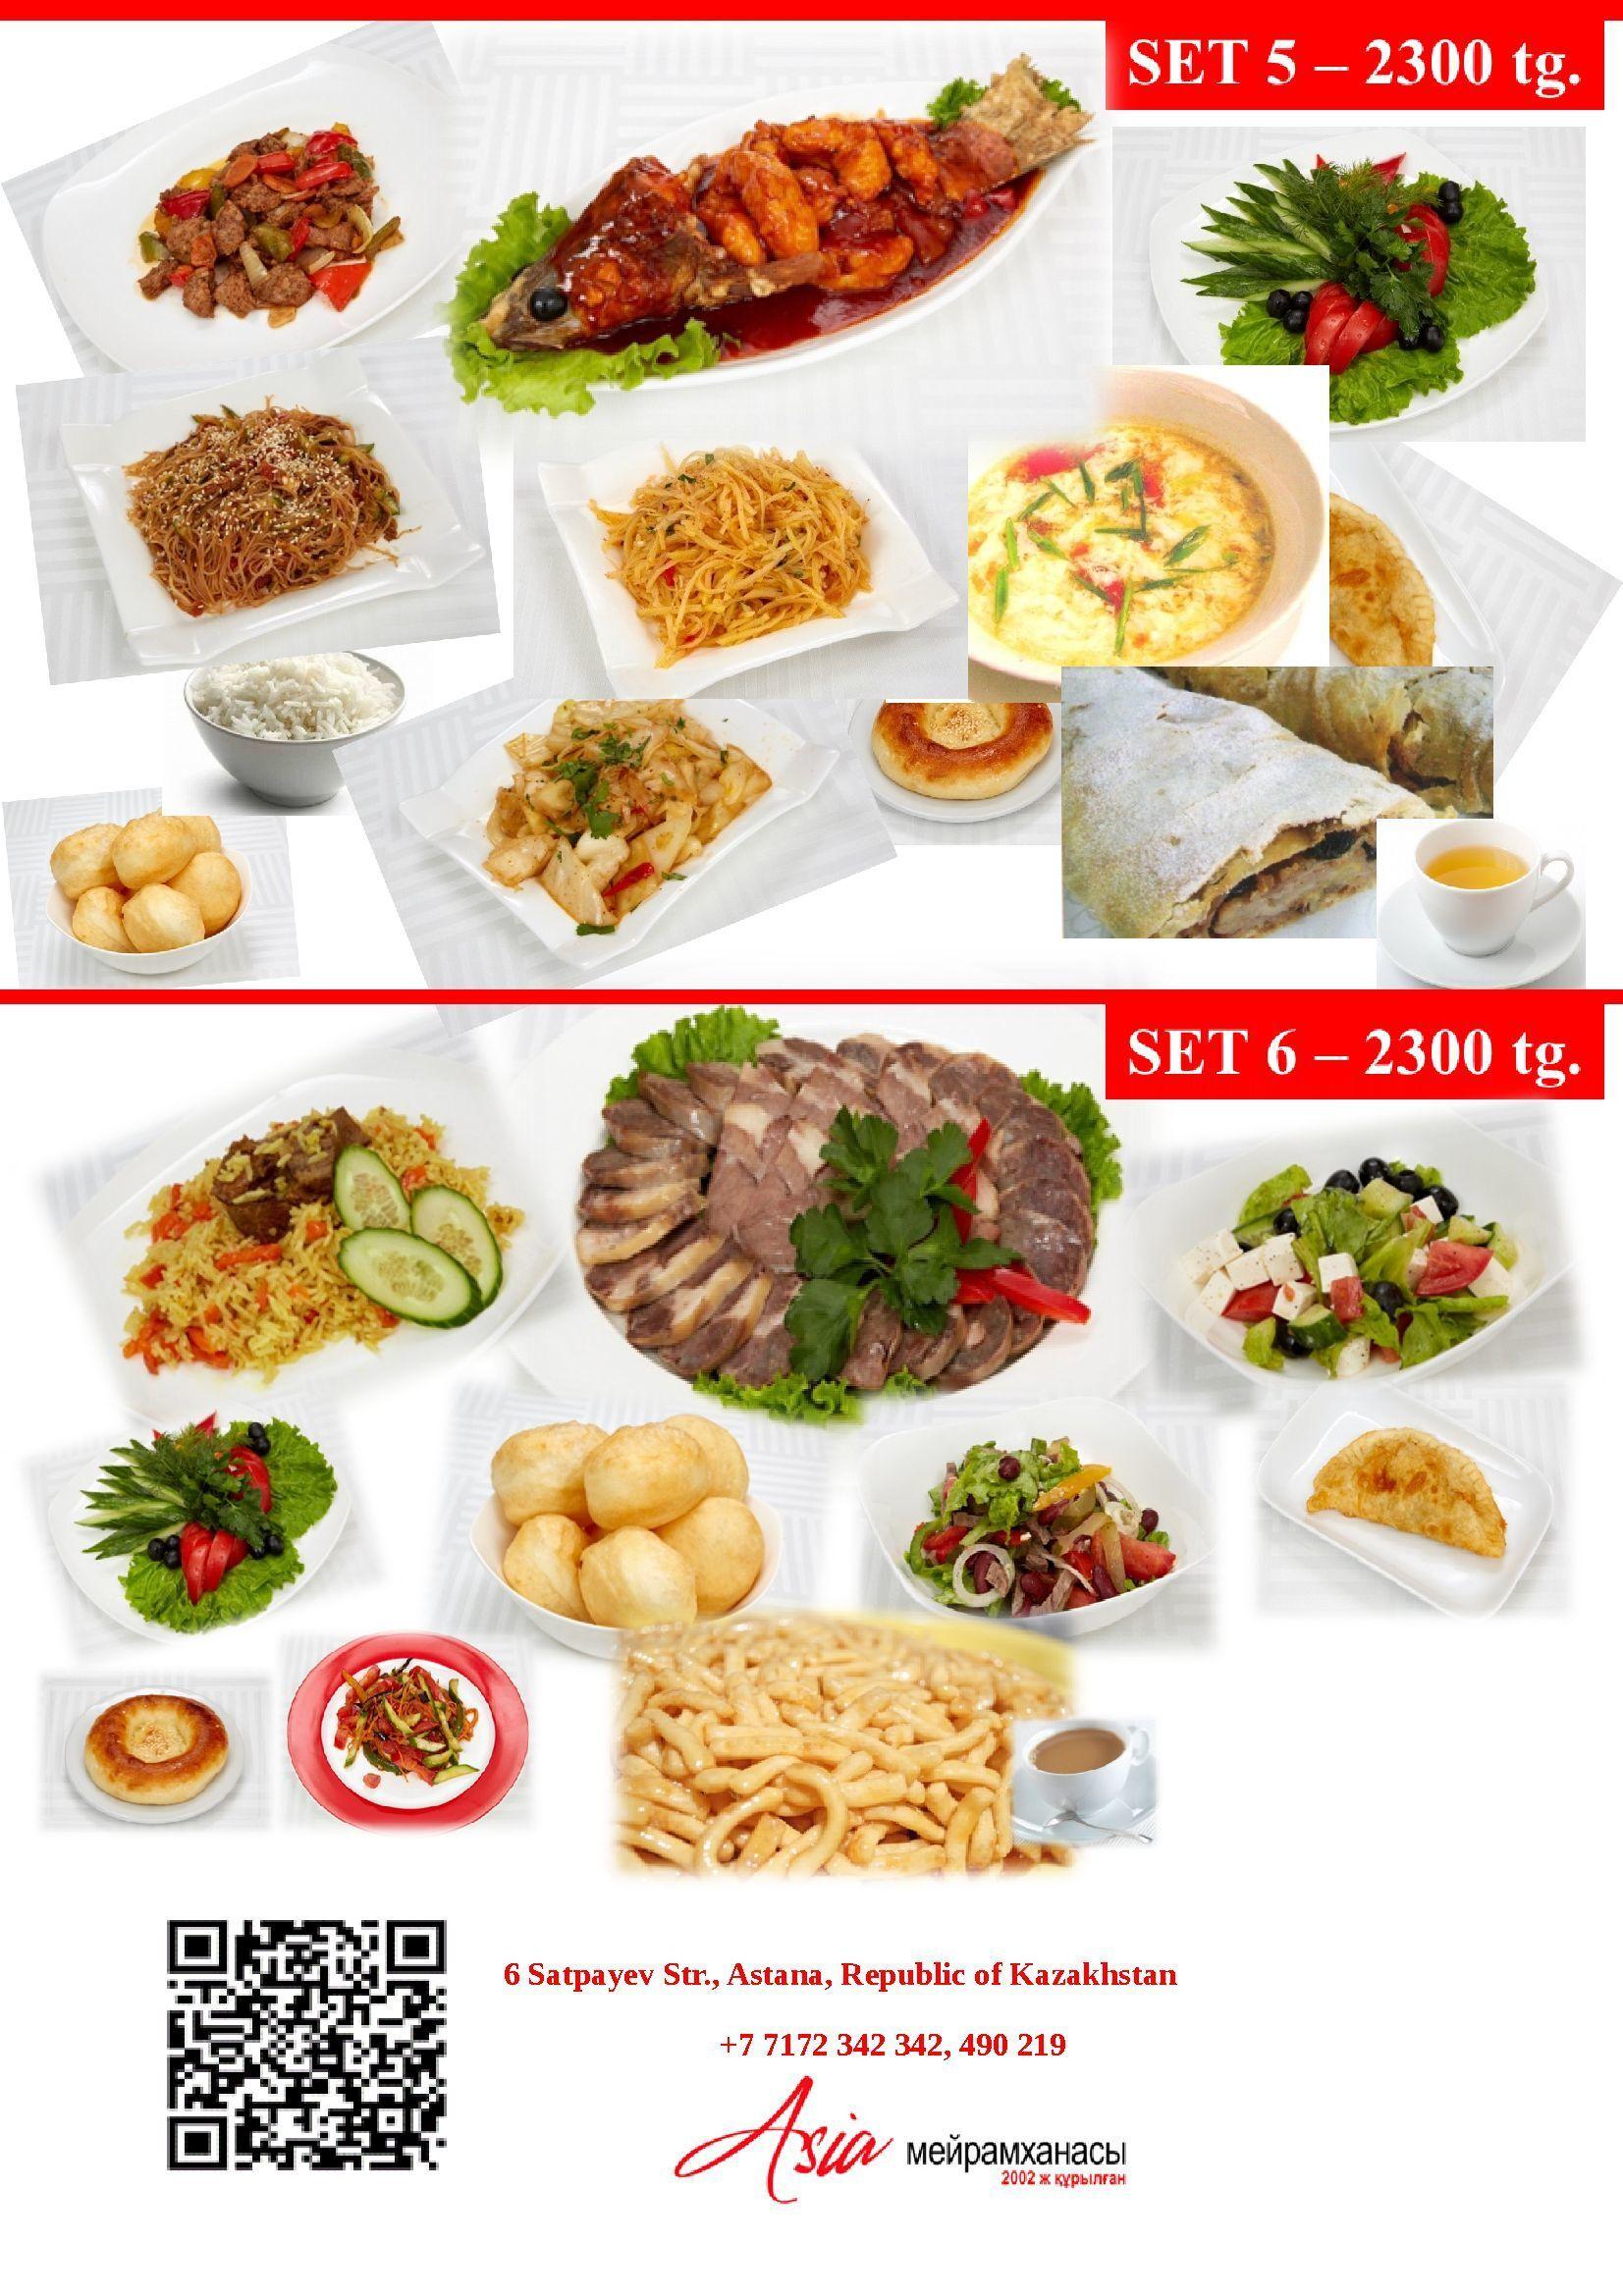 Kompleksnye Obedy Dlya Turistov Ot Restorana Asia